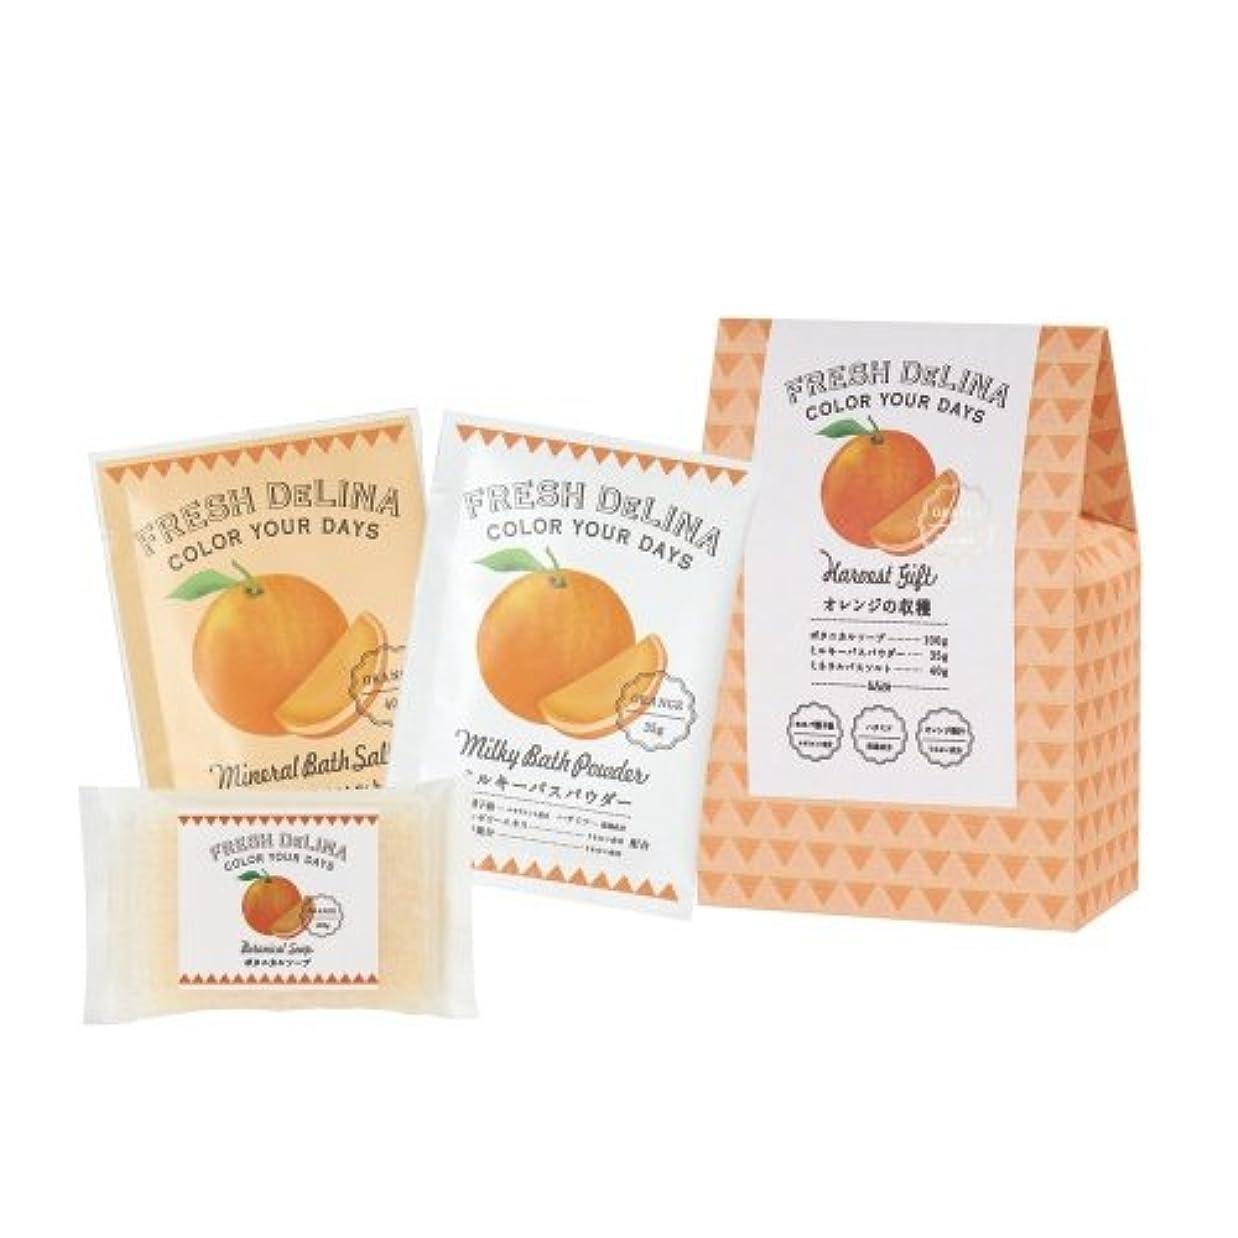 いま虐待予防接種するフレッシュデリーナ ハーベストギフト オレンジ (ミルキバスパウダー35g、ミネラルバスソルト40g、ボタニカルソープ100g 「各1個」)